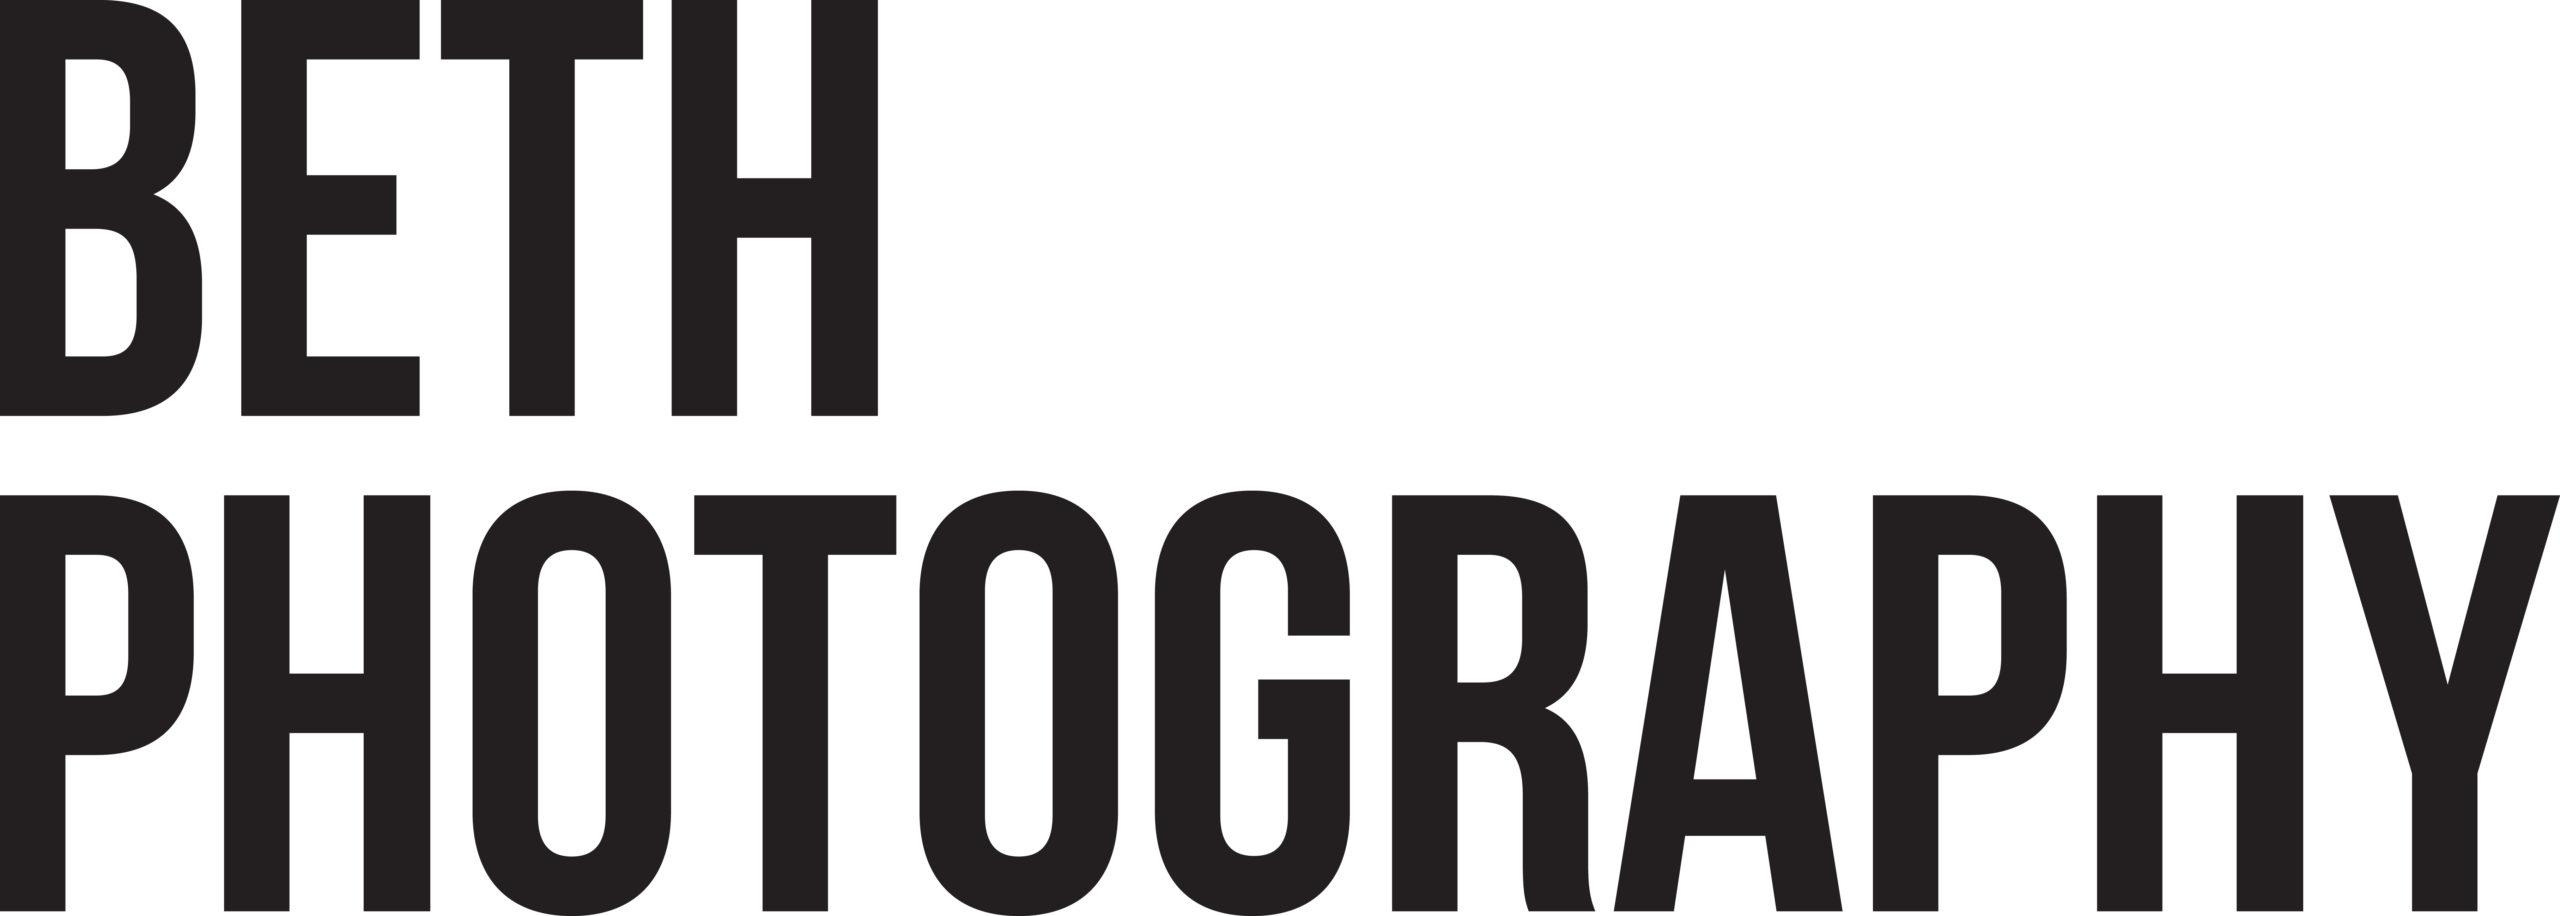 BethSanders_logo